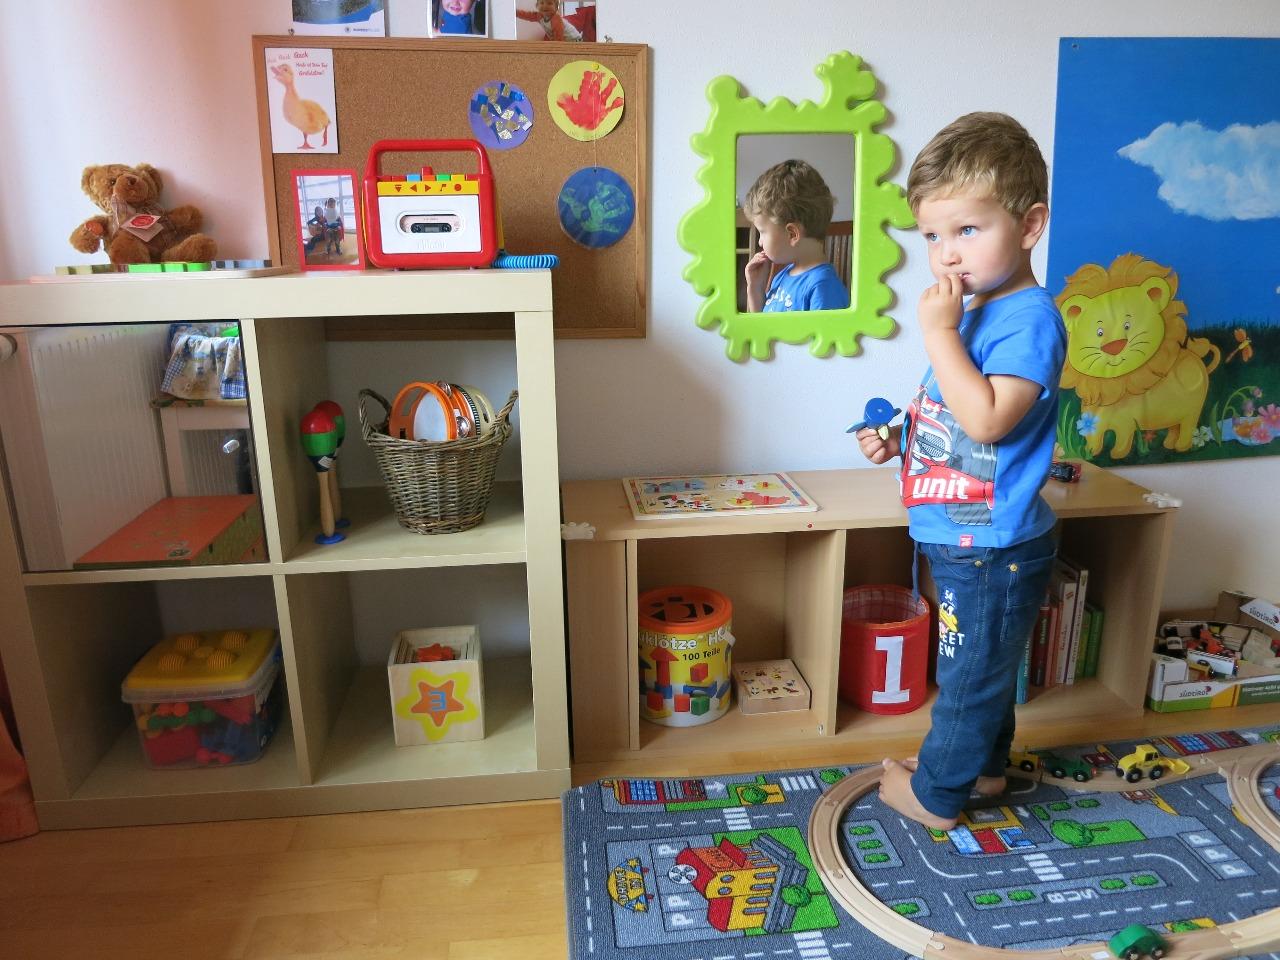 Camera Bambini Montessori: Camerette per bambini. Stanza a misura ...